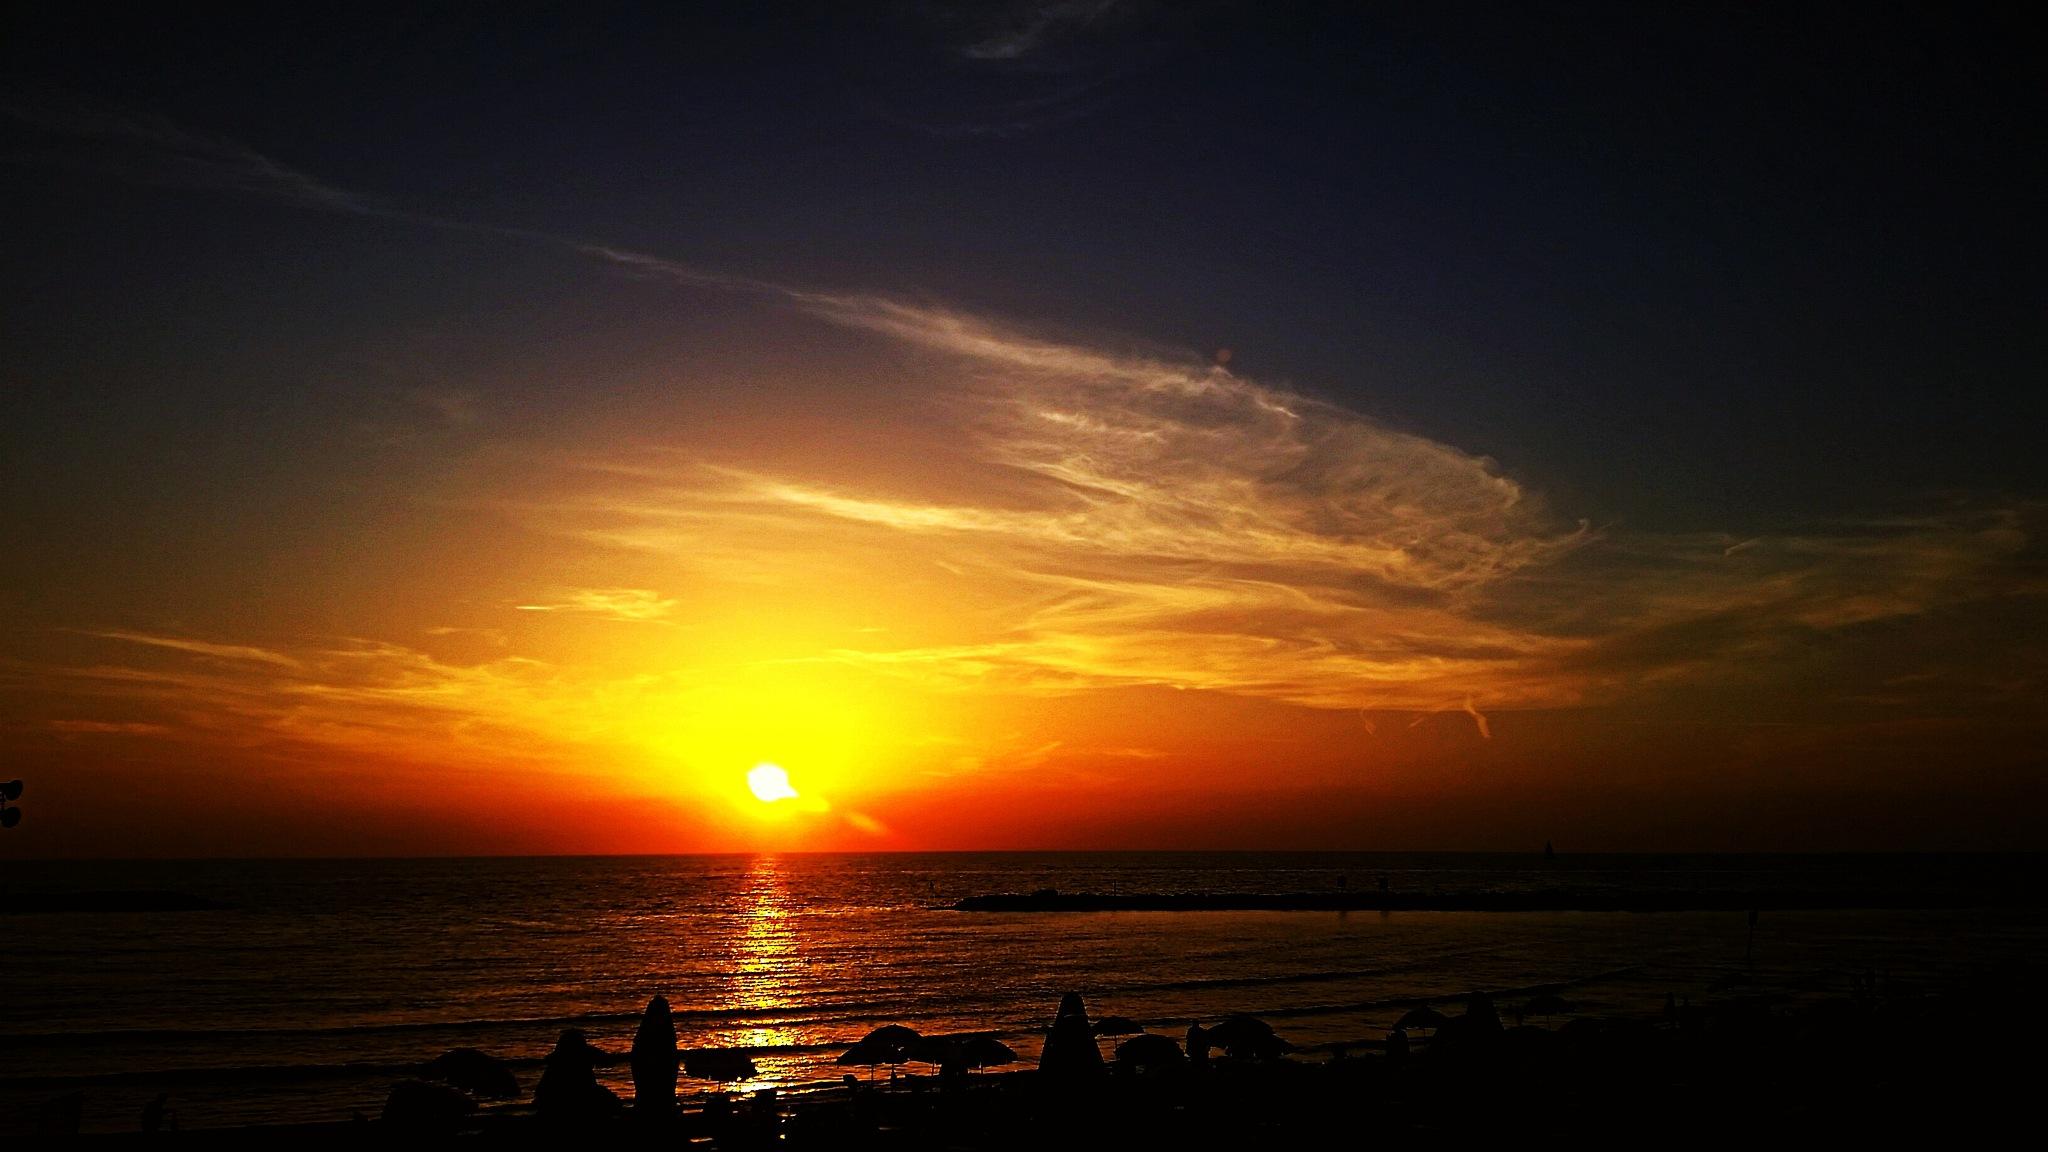 Good night Tel Aviv! by Gutfreund Lia